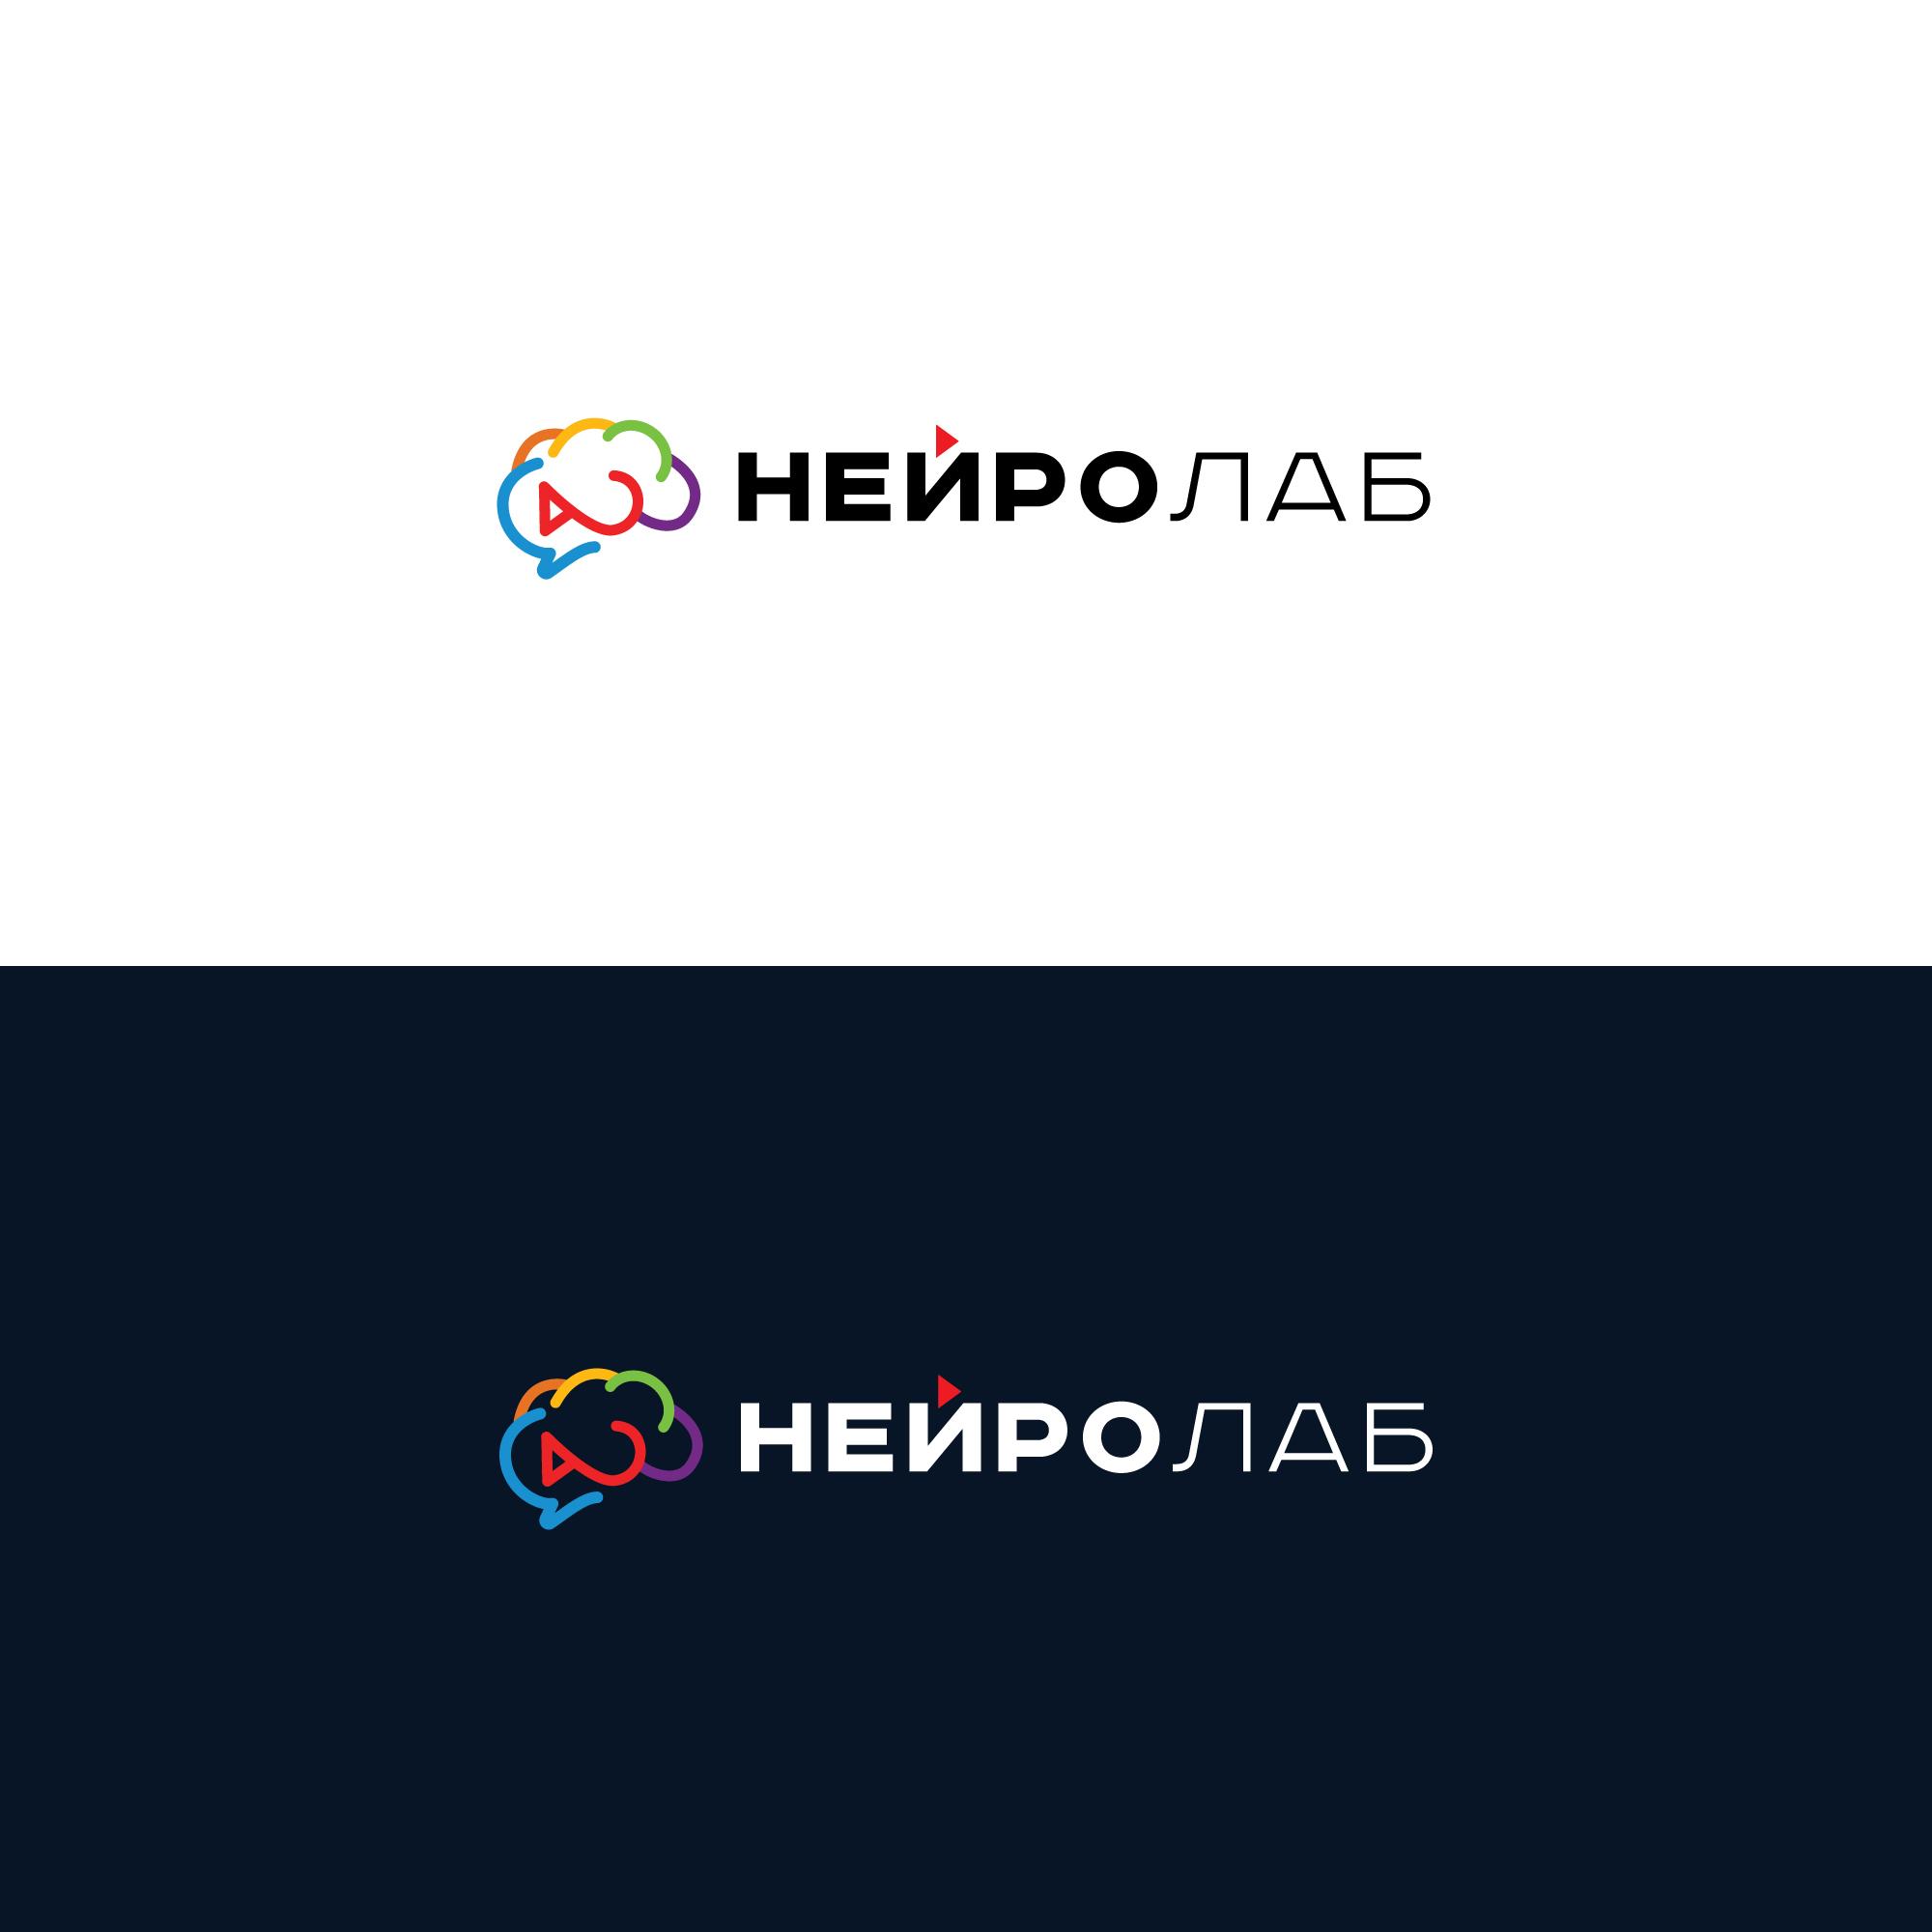 Логотип для лаборатории исследования эмоционального отклика  фото f_34060087de30ba3a.jpg